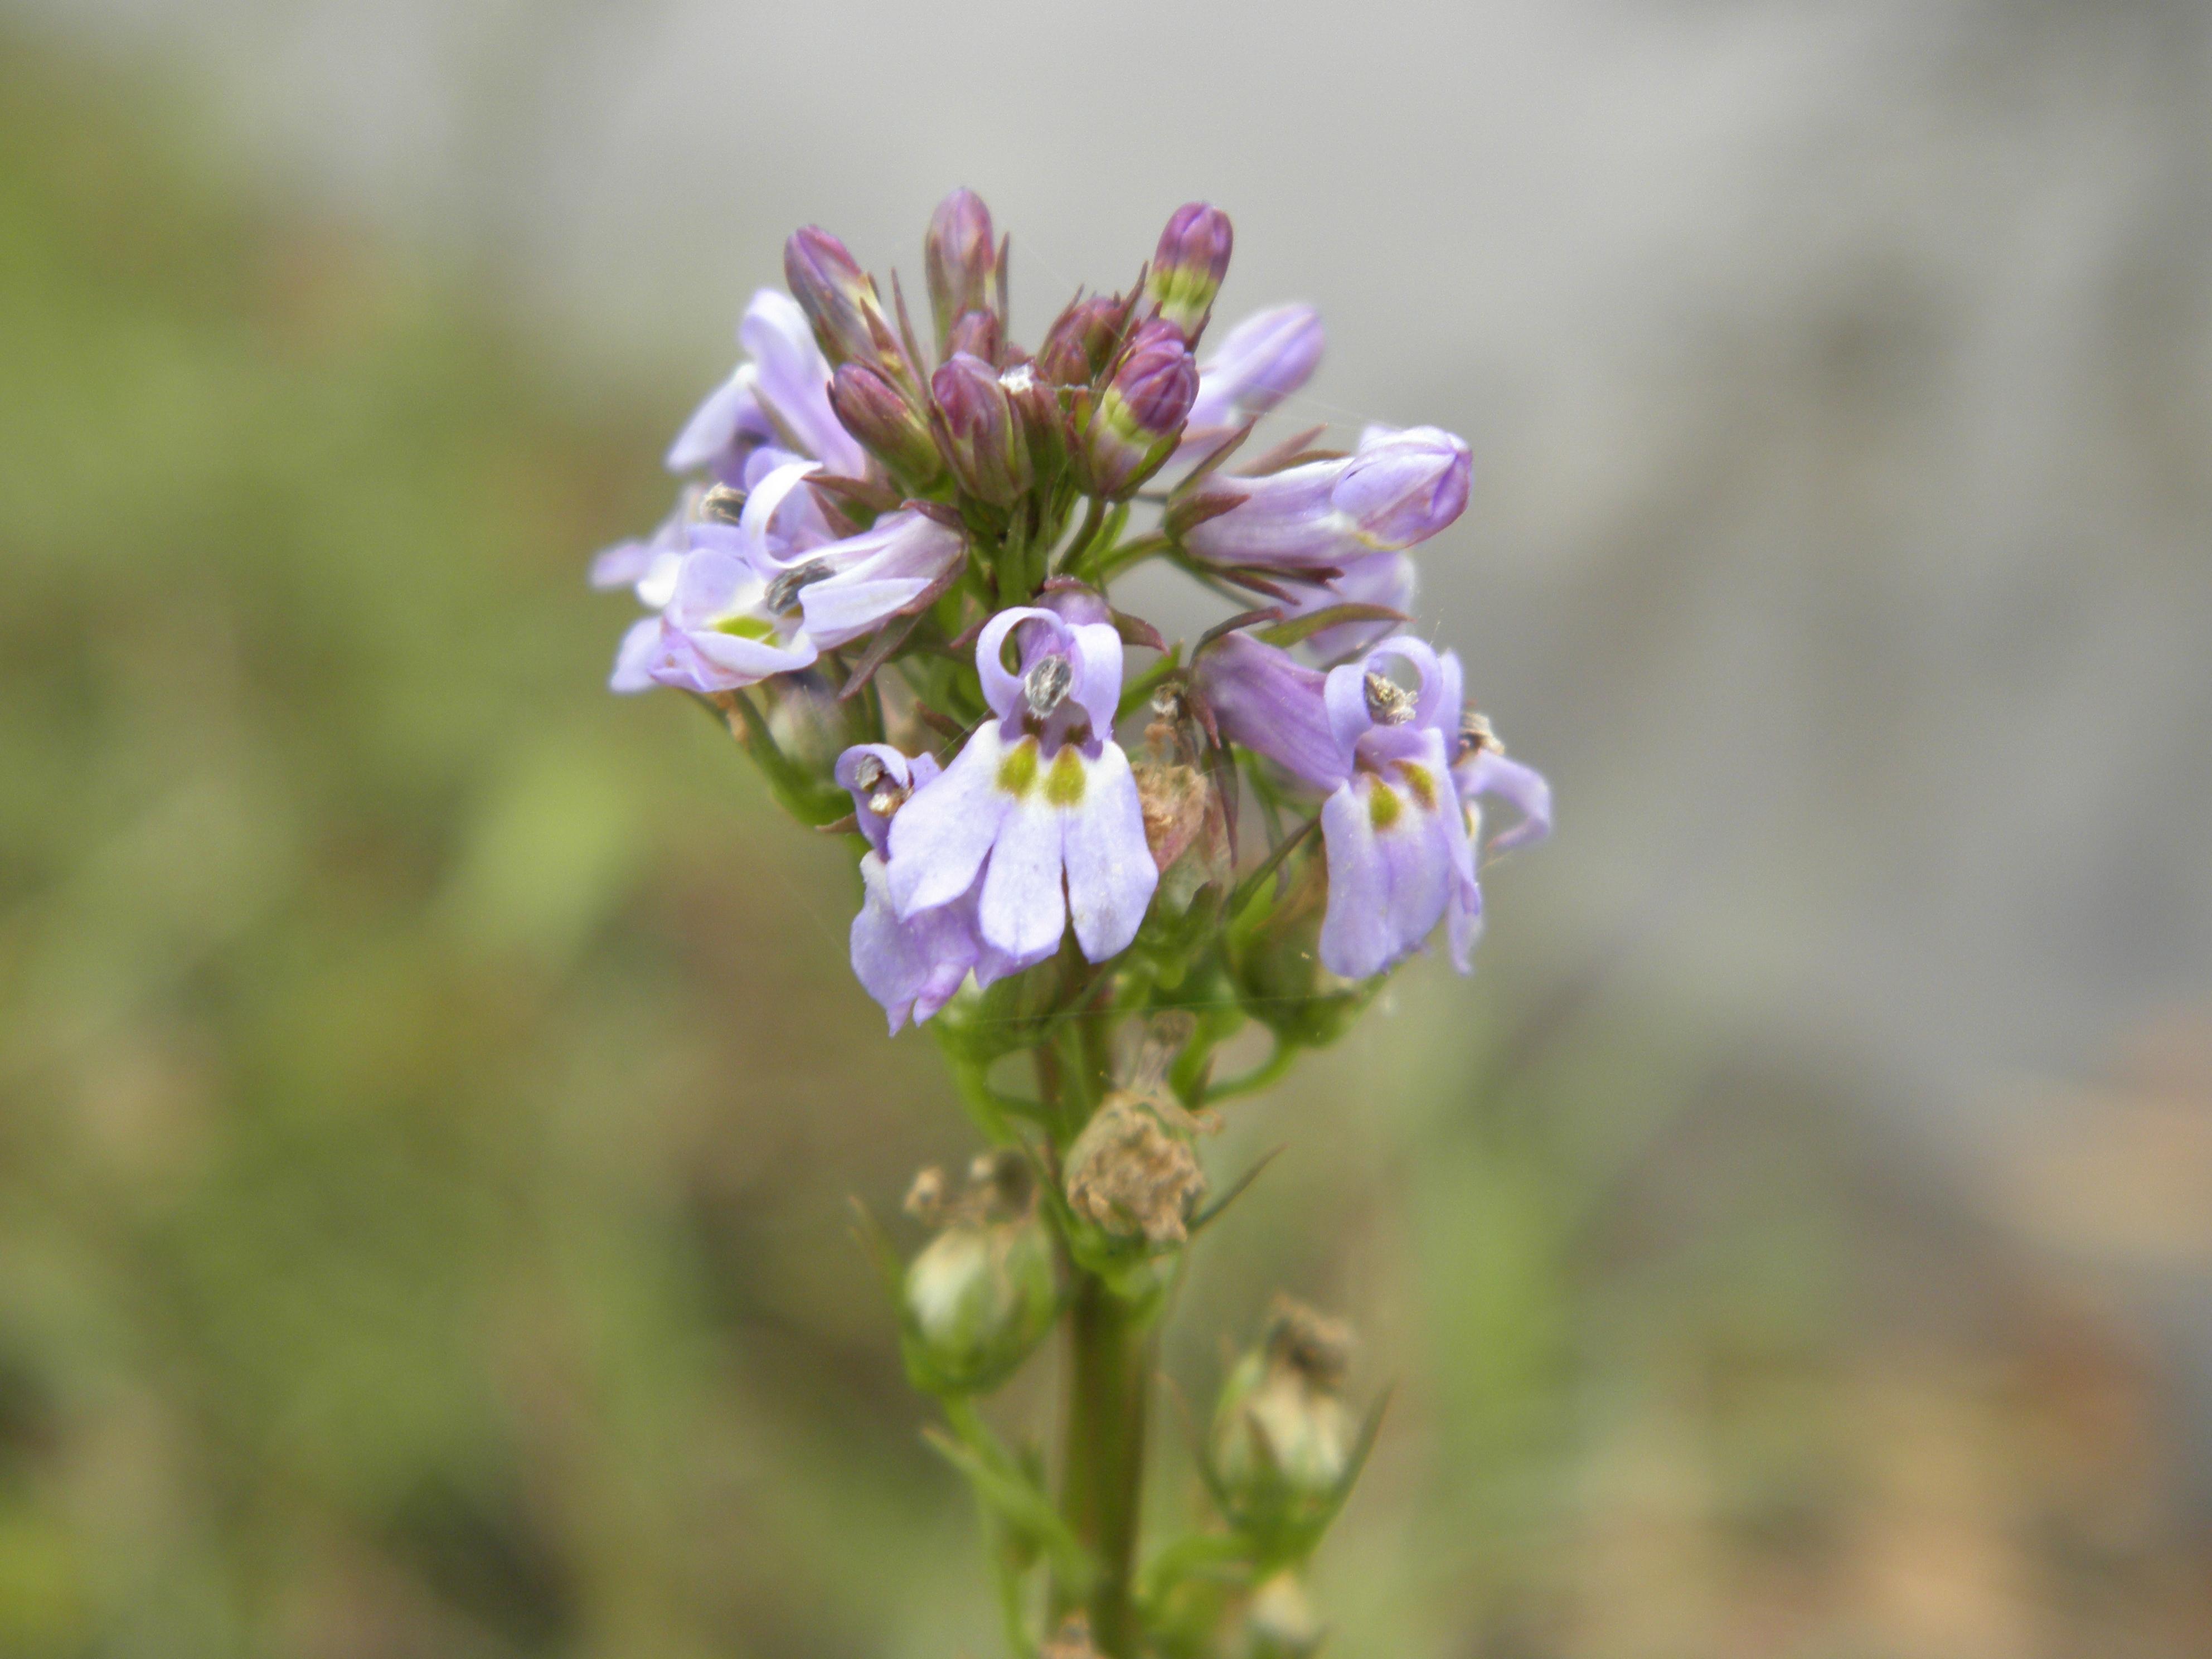 Image of pineland lobelia